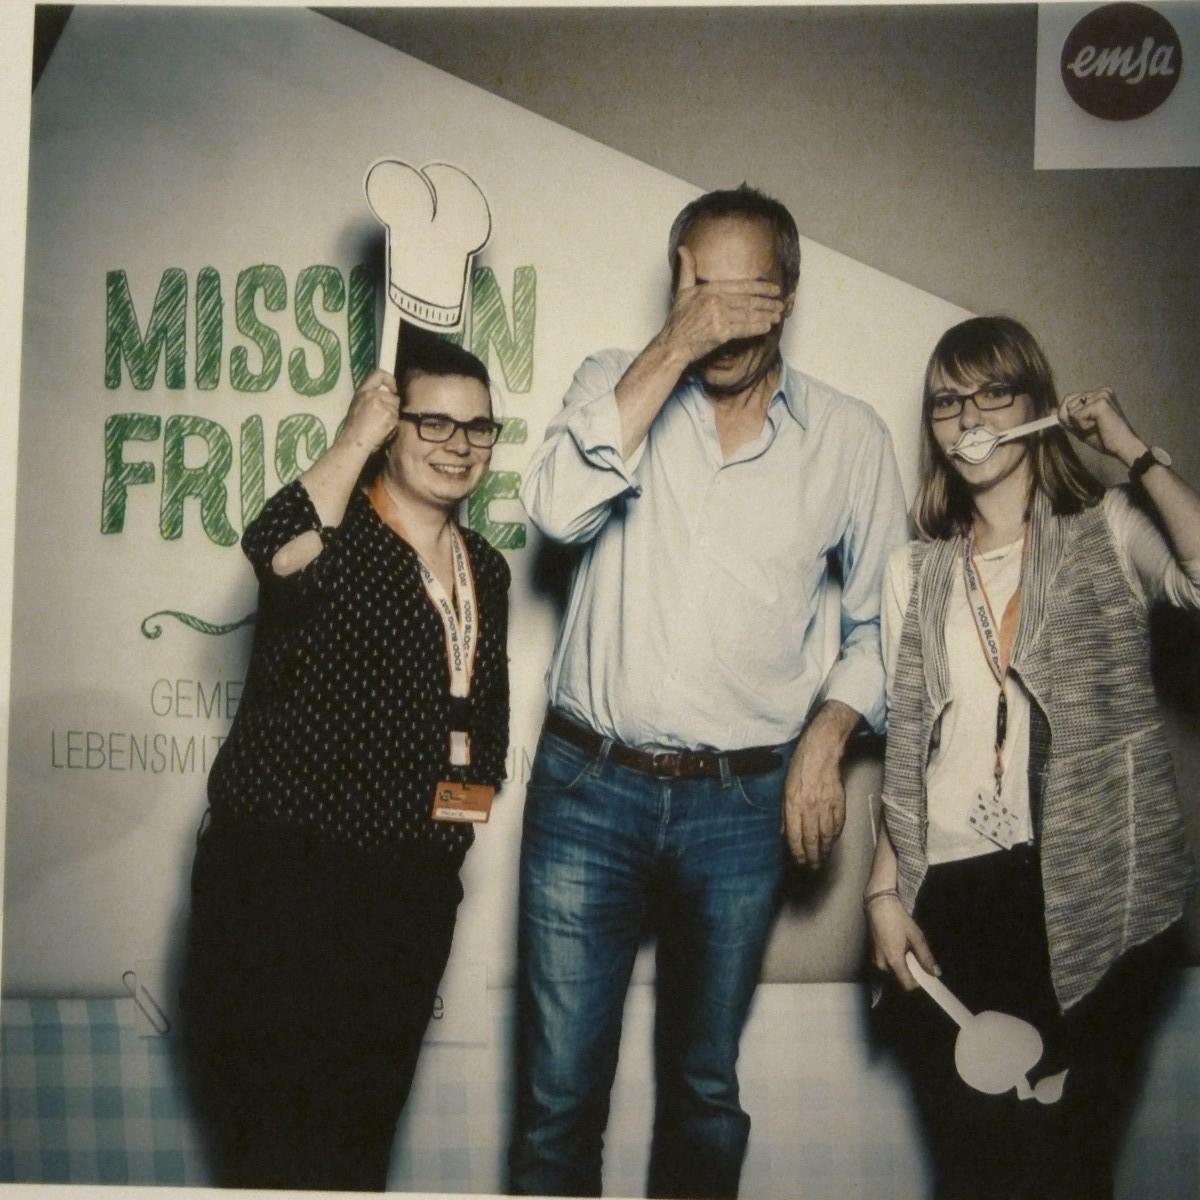 Melli, Christian Rach und Sara auf den FoodBlogDays